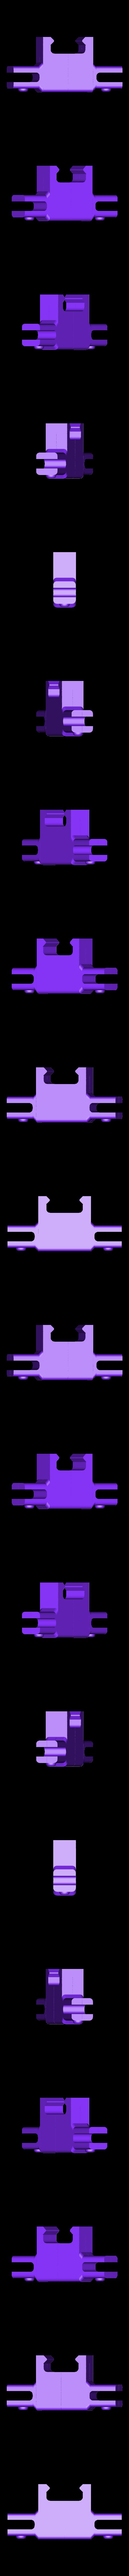 socket_1-4_TwoSided.stl Télécharger fichier STL gratuit Organiseur de prises avec rail, double • Objet pour impression 3D, danielscatigno